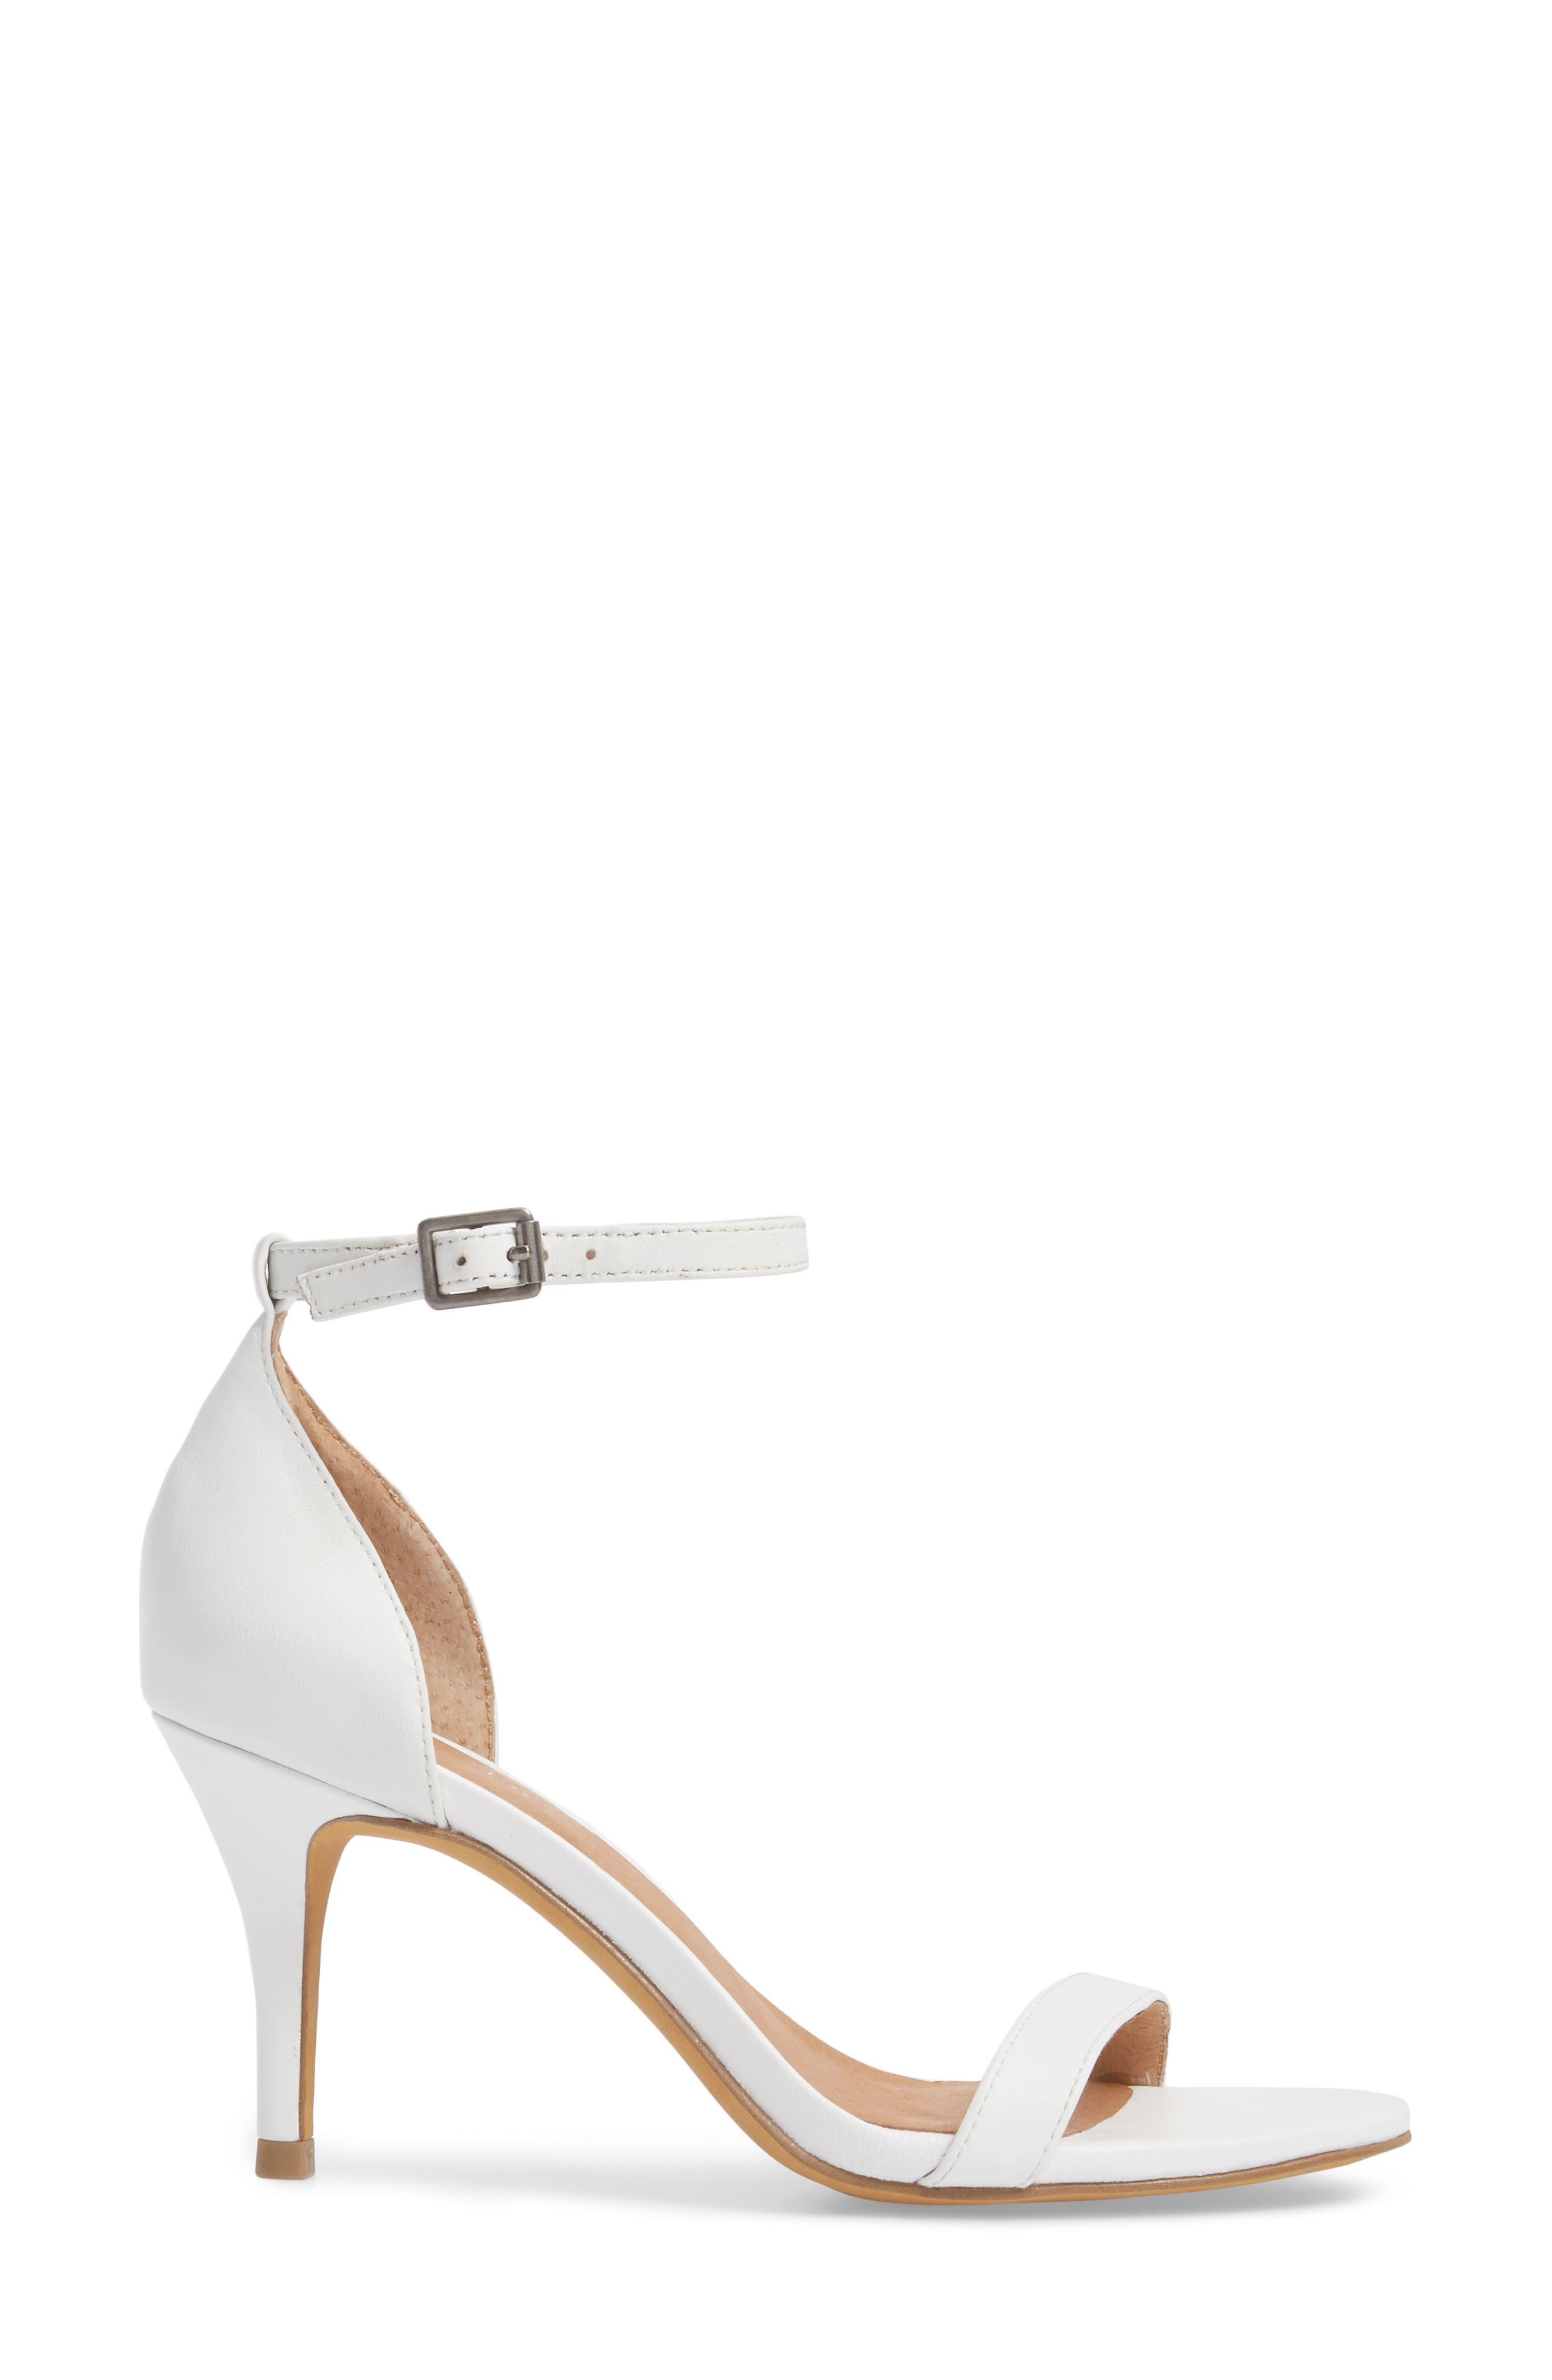 Audrey Ankle Strap Sandal,                             Alternate thumbnail 50, color,